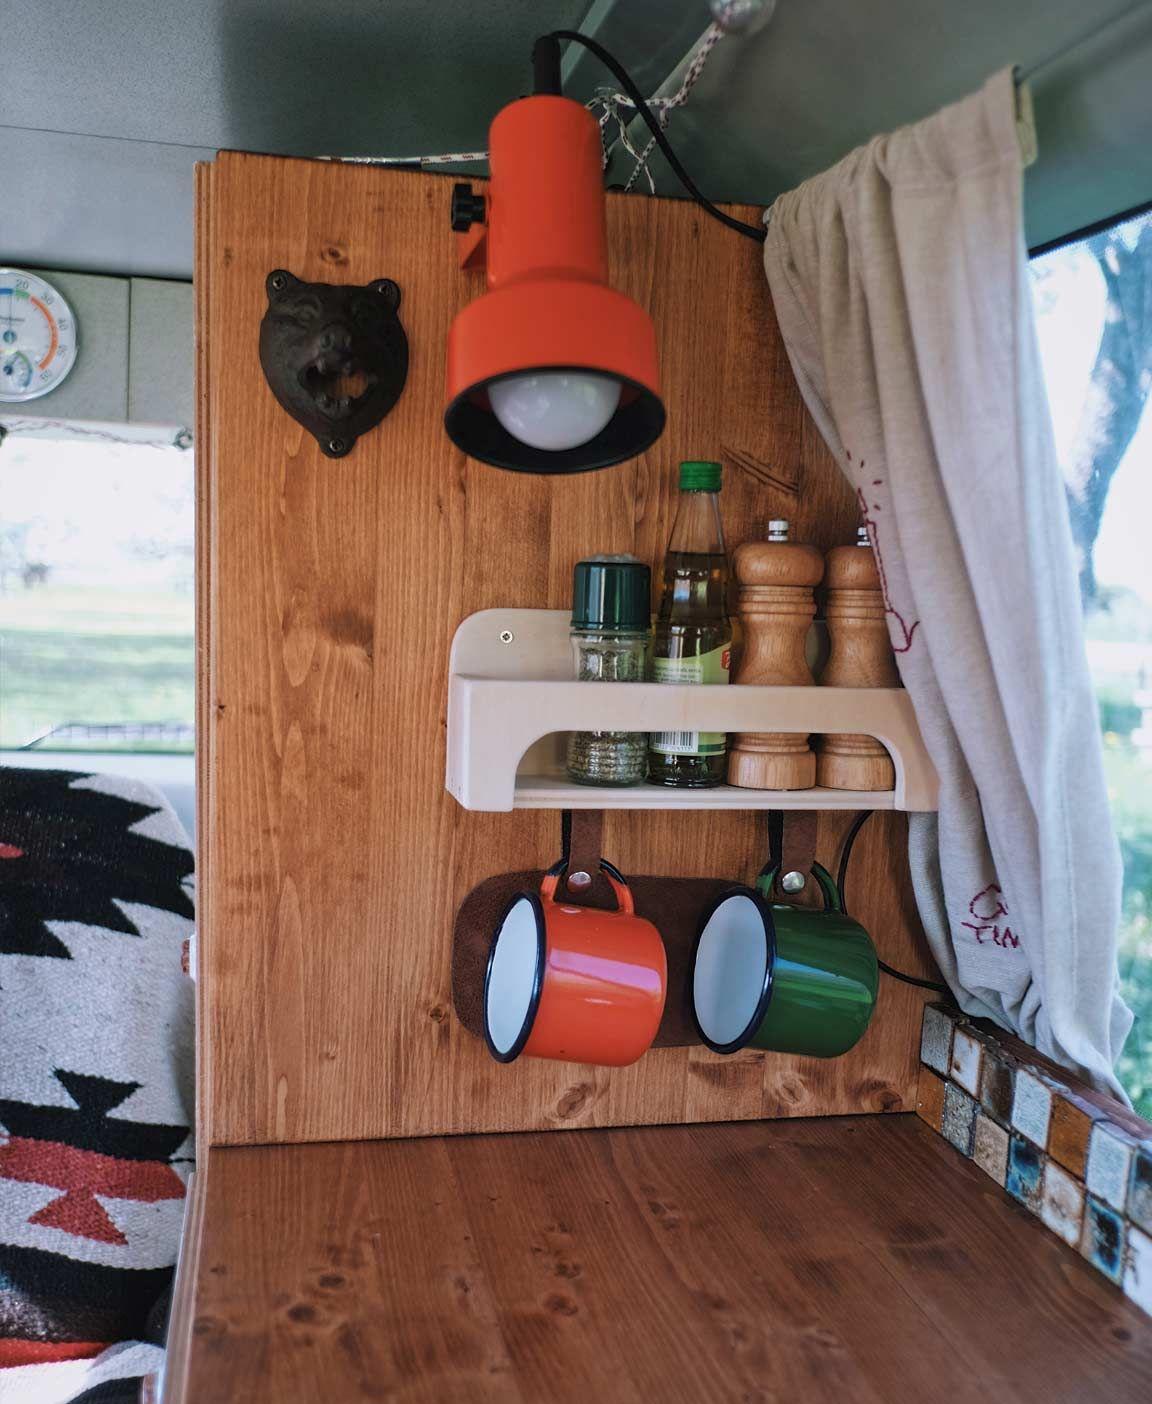 vw t4 camper ausbau der erfahrungsbericht von pinepins vw t4 camper vw t4 und camper innen. Black Bedroom Furniture Sets. Home Design Ideas